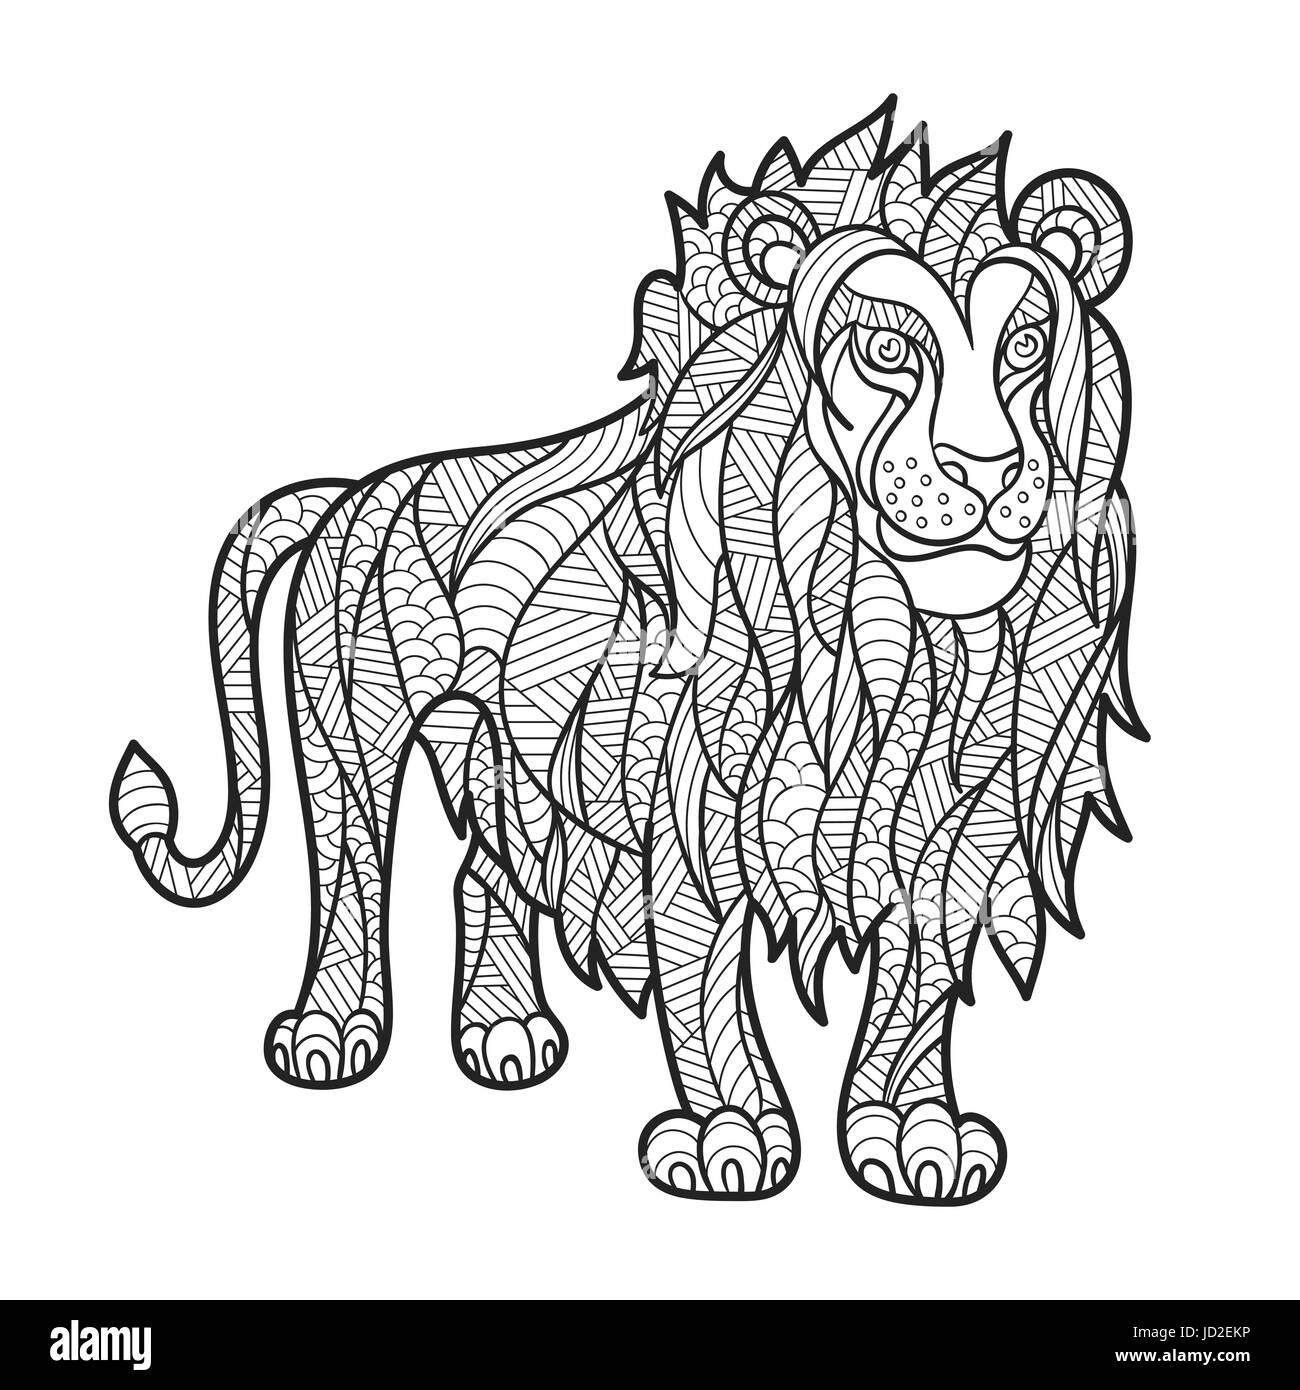 Vektor monochrome handgezeichneten Zentagle Abbildung des Löwen ...